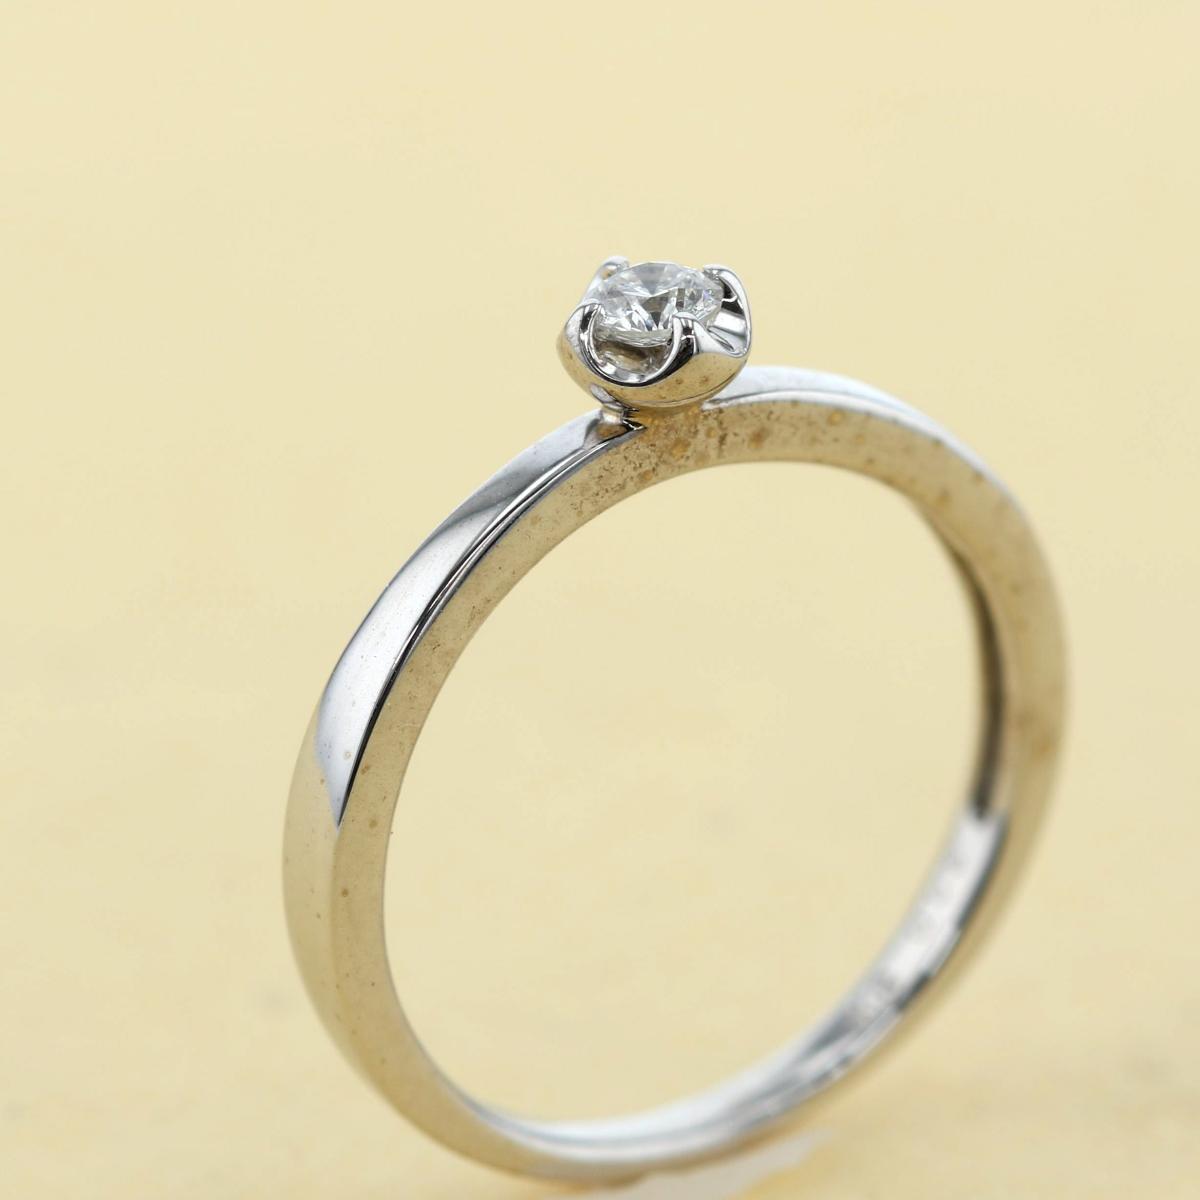 【中古】Vendome Aoyama (ヴァンドーム アオヤマ) K18WG ダイヤモンドリング ブランドジュエリー 指輪 Ring White Gold/ホワイトゴールド FREE used:A